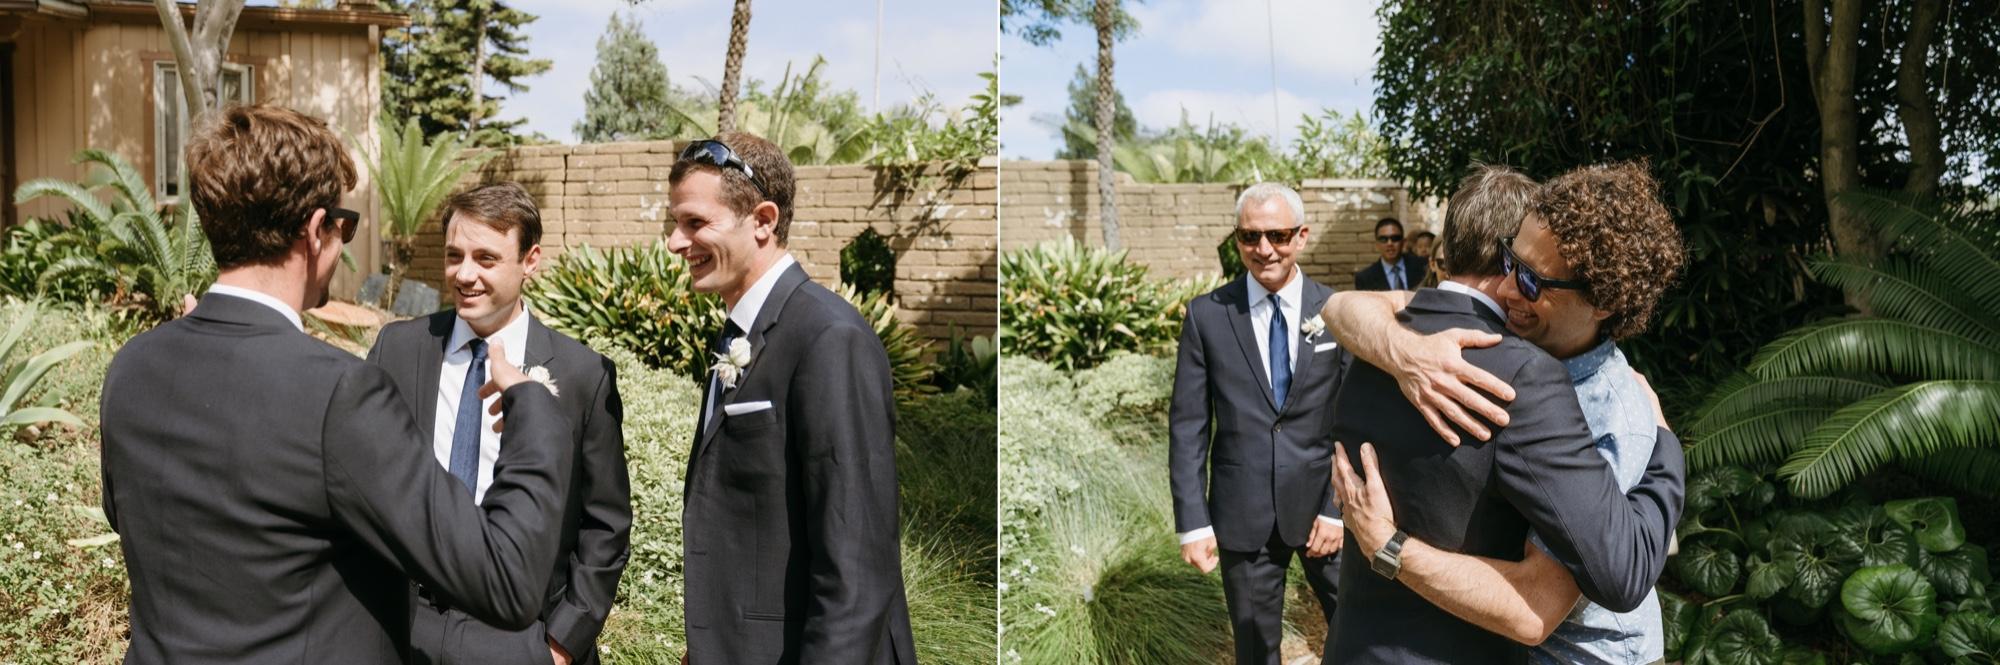 016_Shawna and Steve's Wedding-86_Shawna and Steve's Wedding-92.jpg